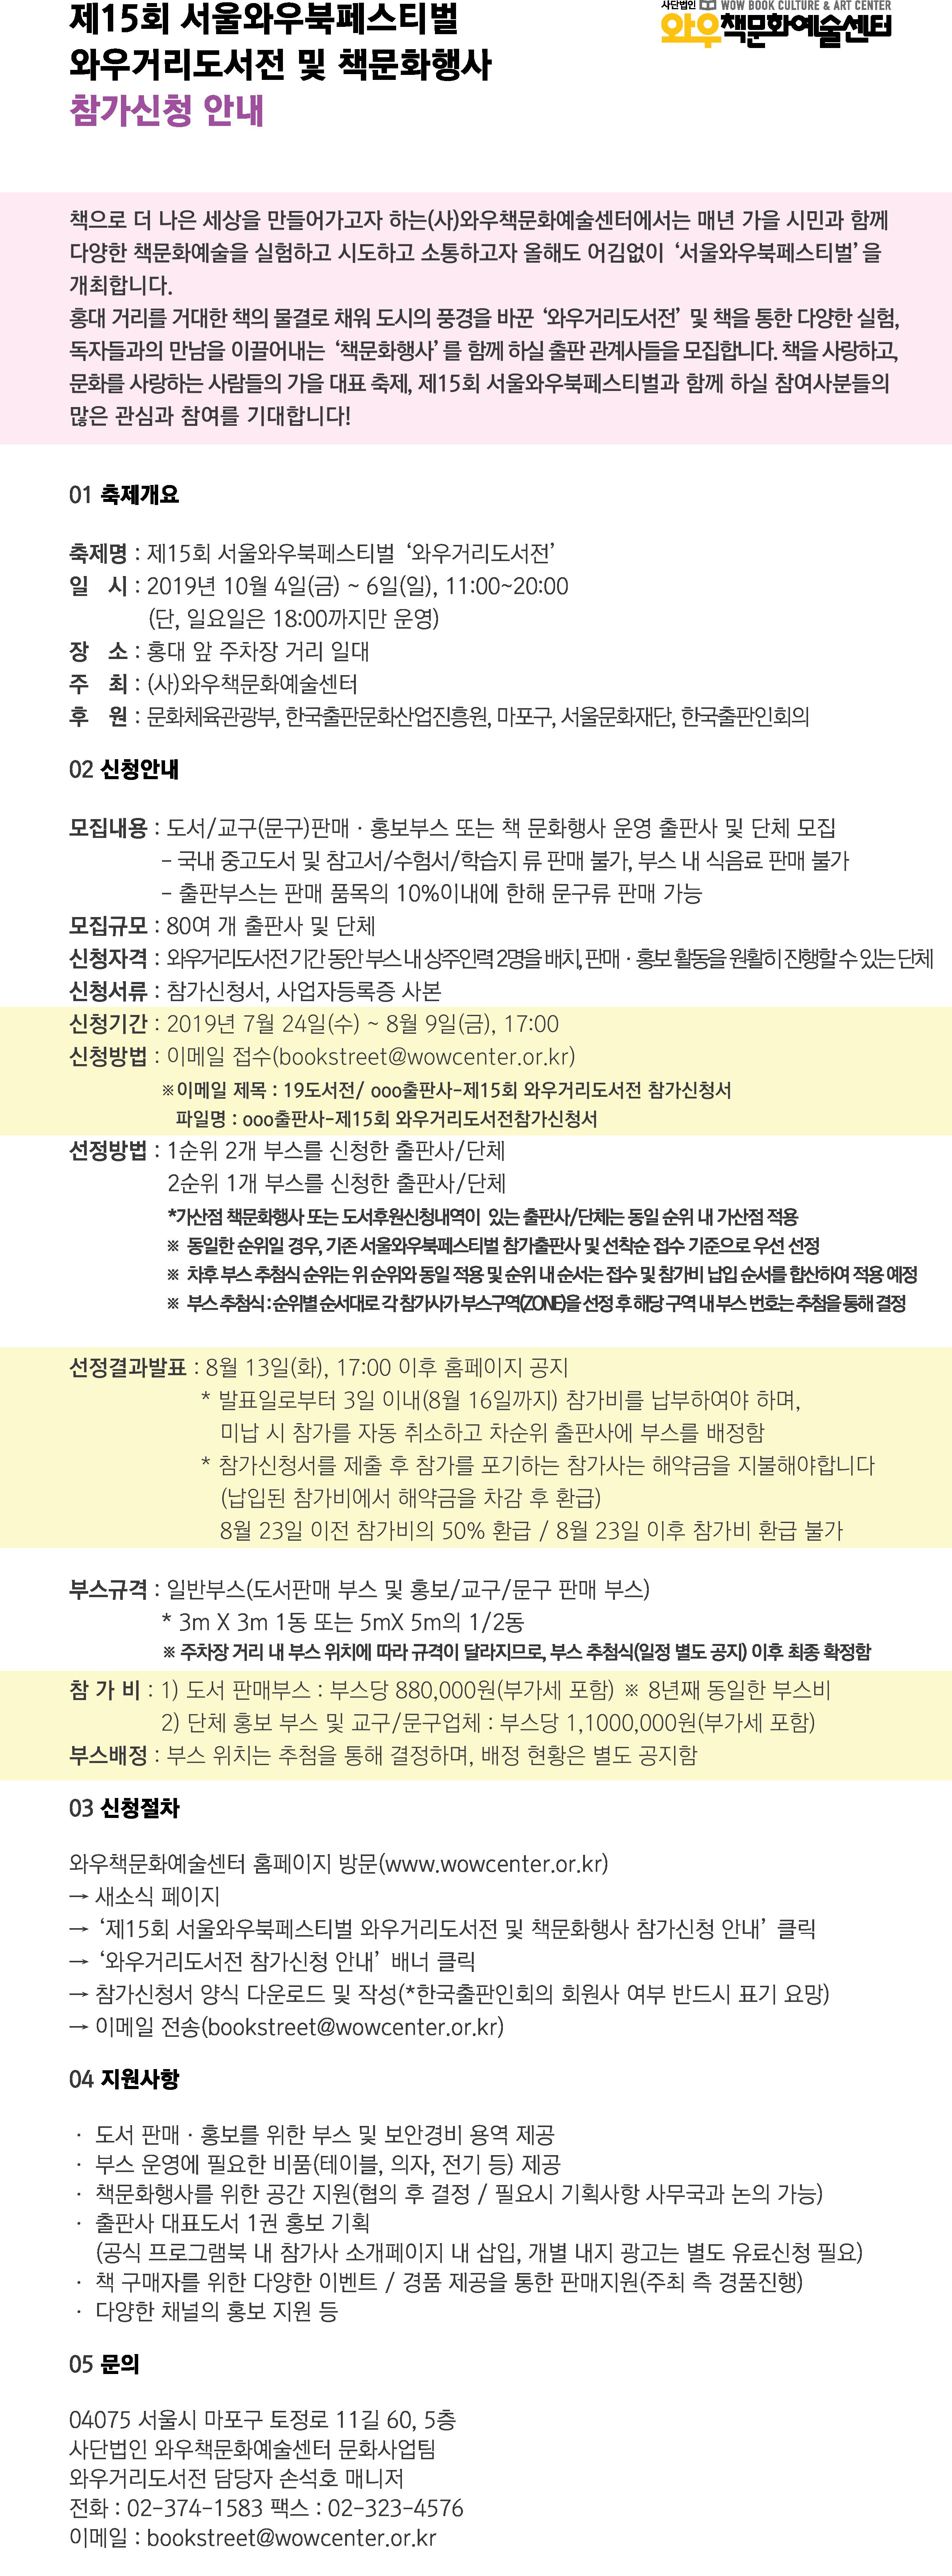 거리도서전 참가신청안내(수정).png